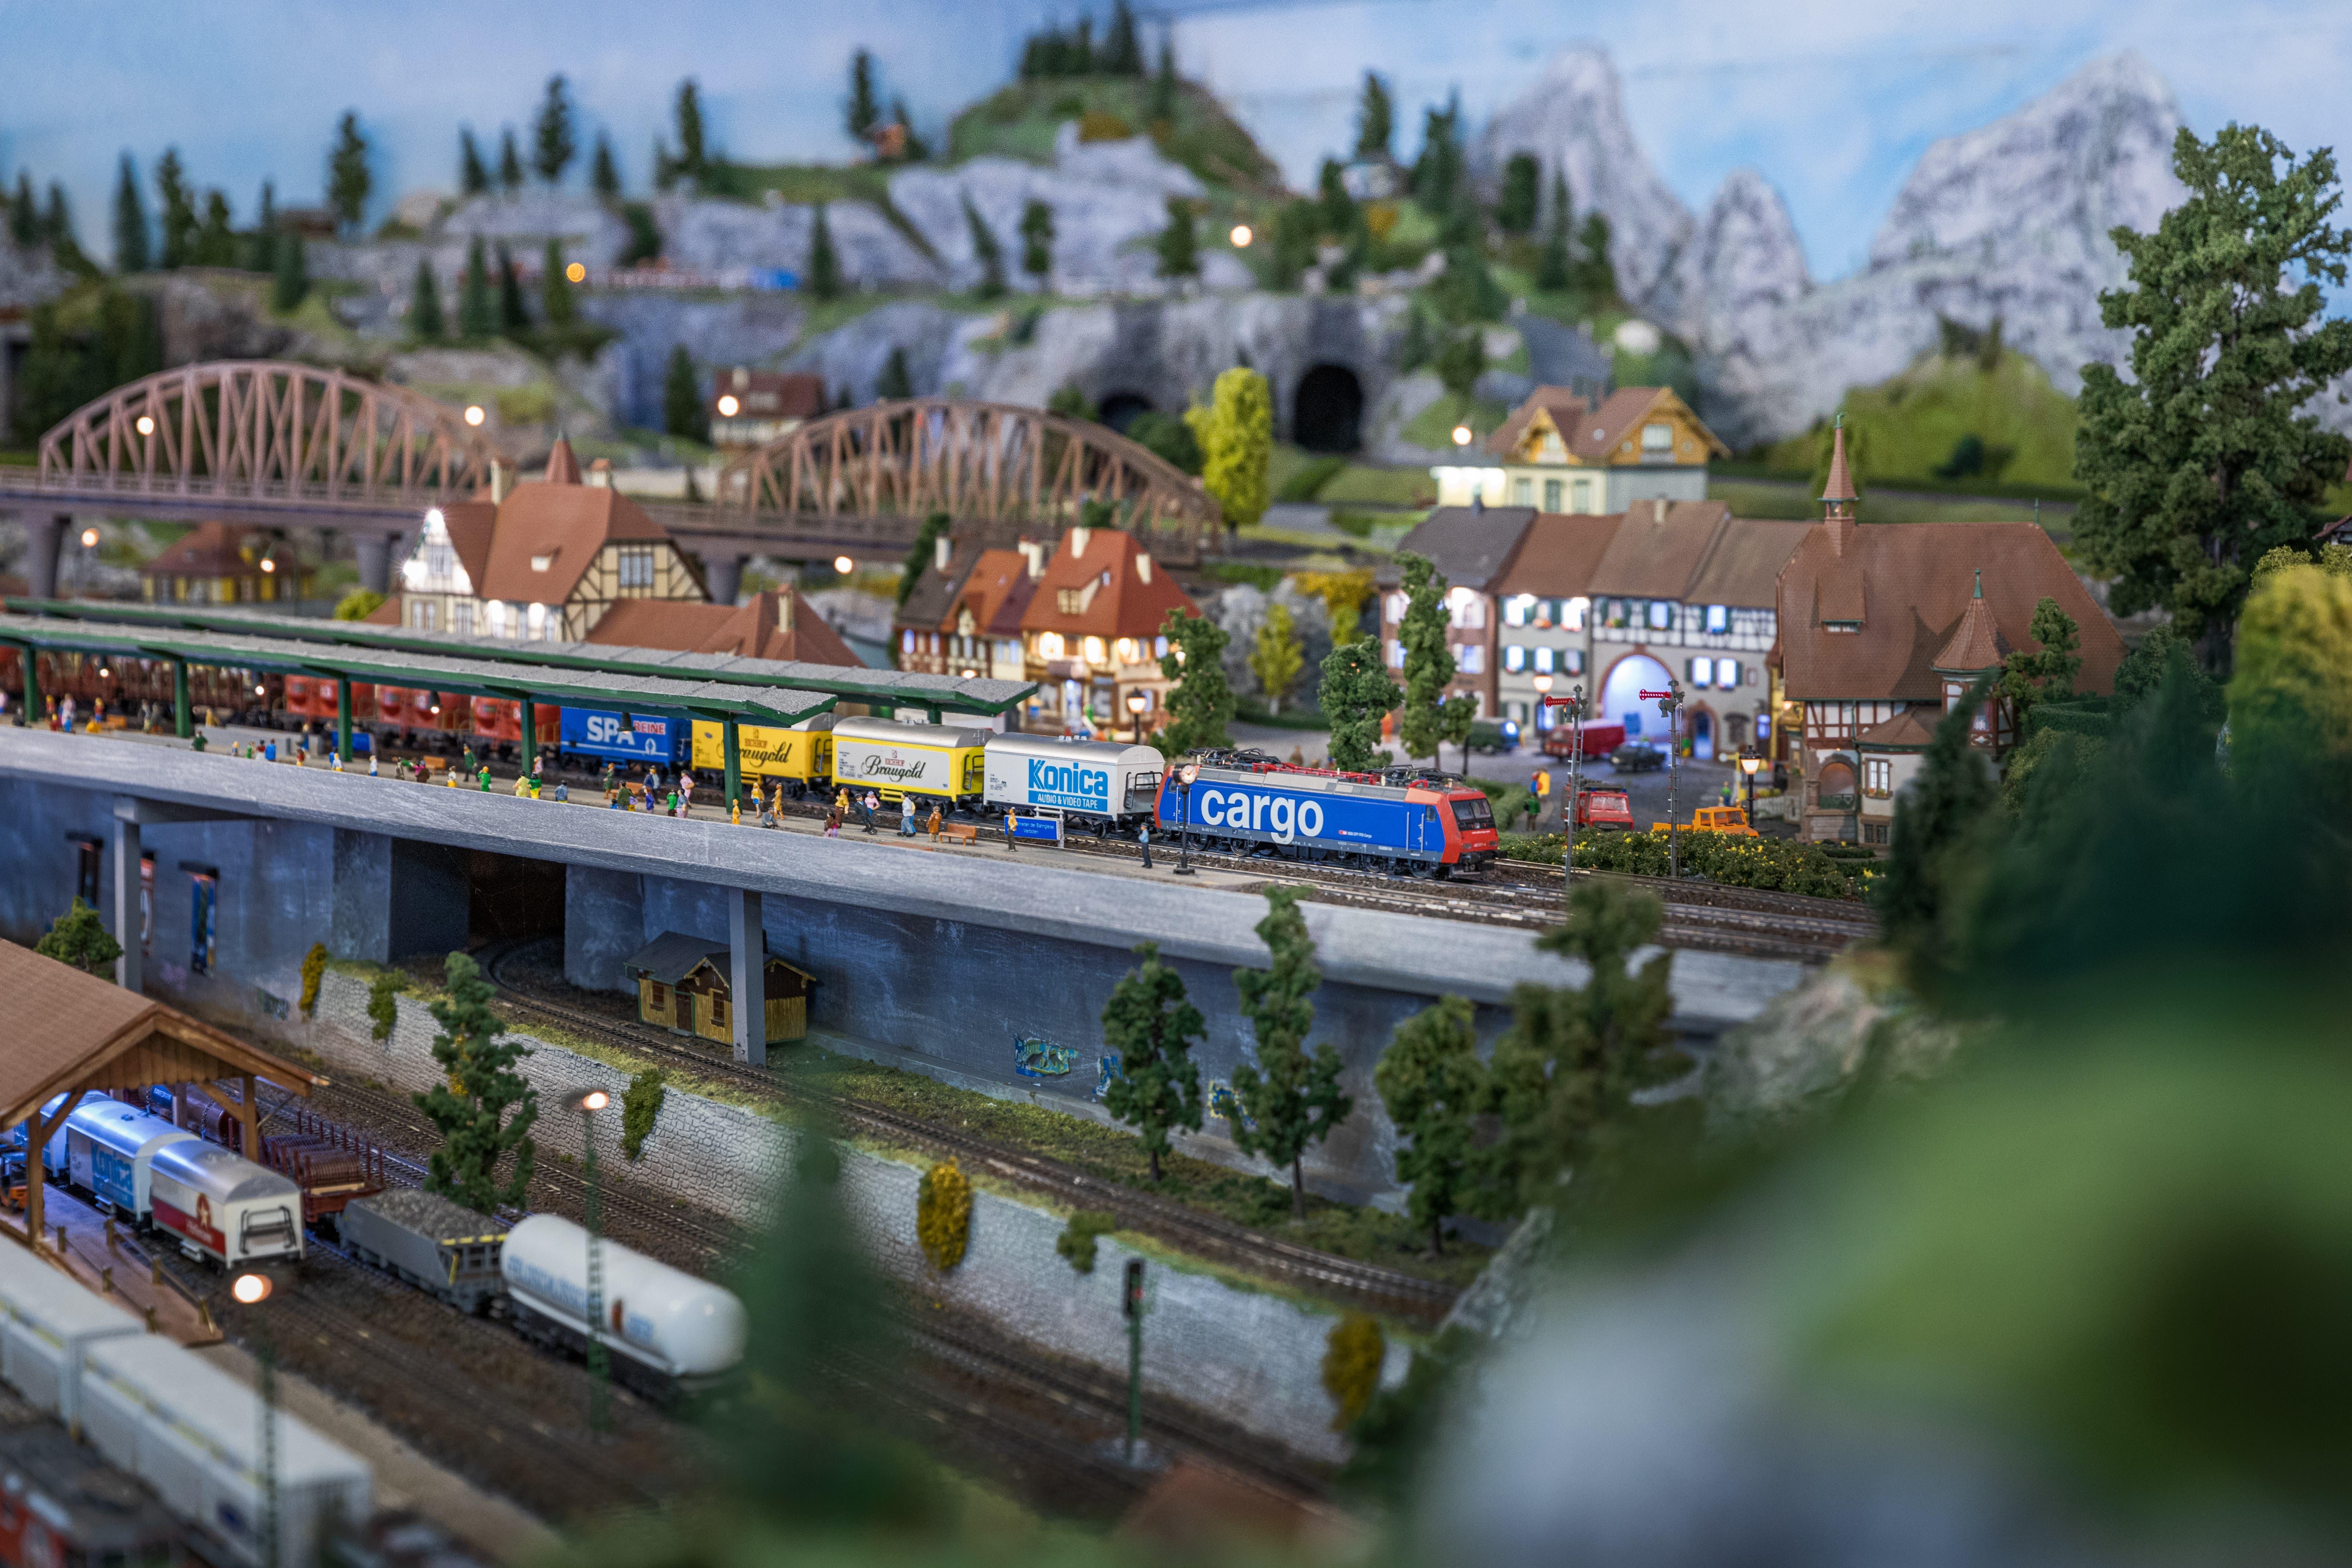 25 Züge fahren auf den insgesamt 260 Meter langen Gleisen.